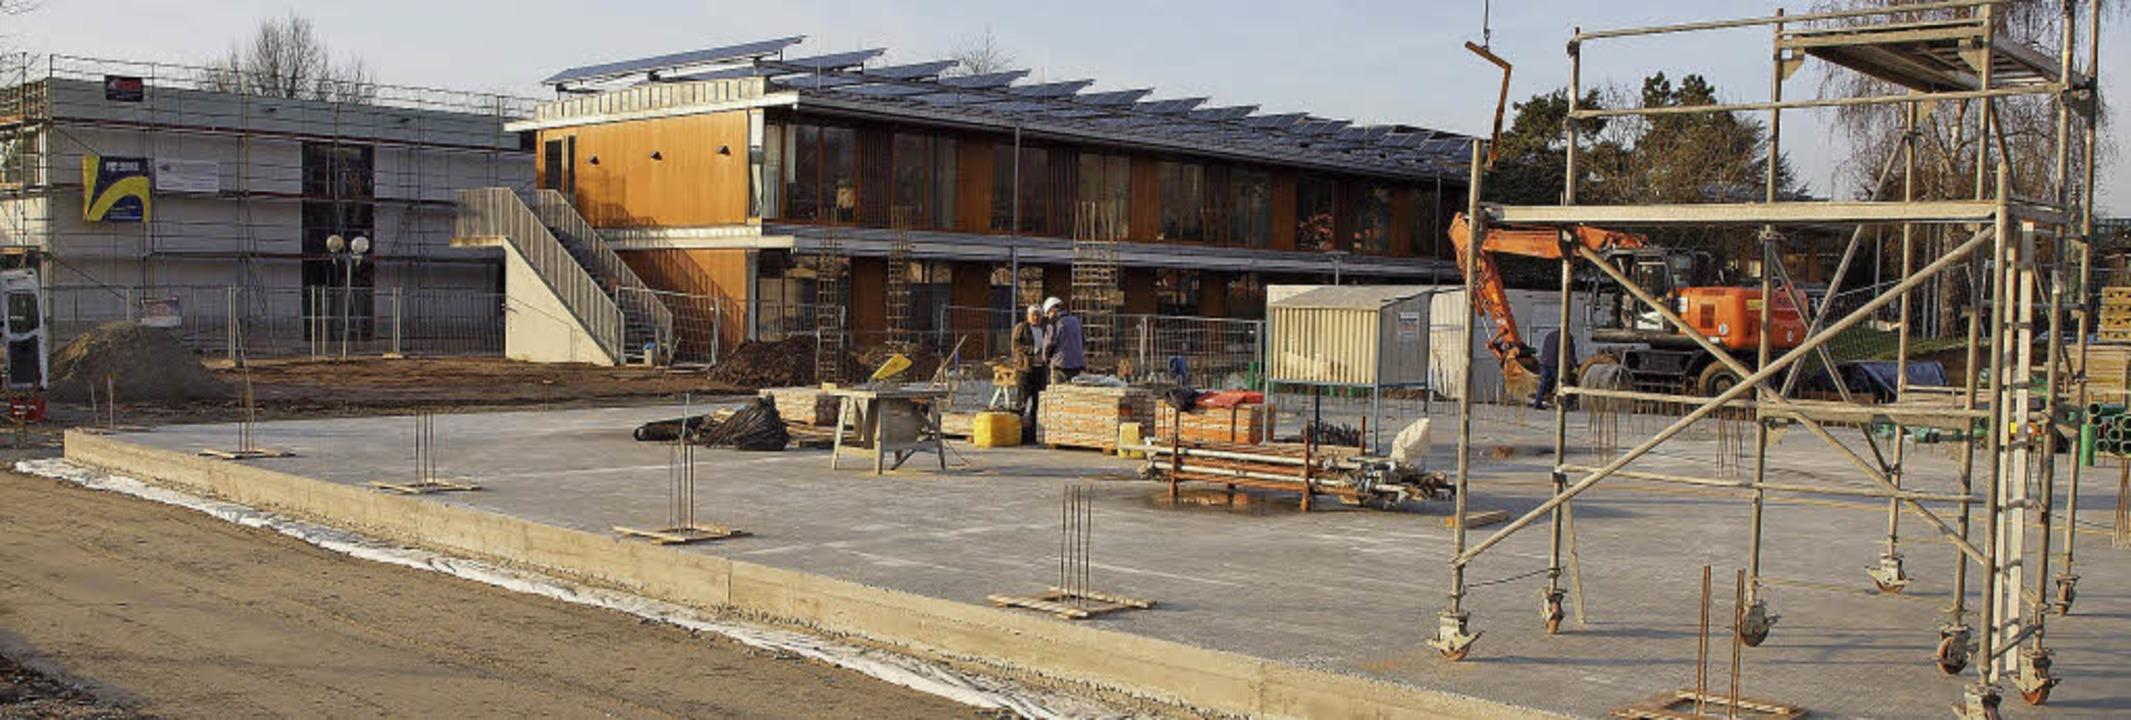 Werkrealschule: Der  Ergänzungsbau (li...nt für die Mensa ist bereits gegossen.  | Foto: Michael haberer